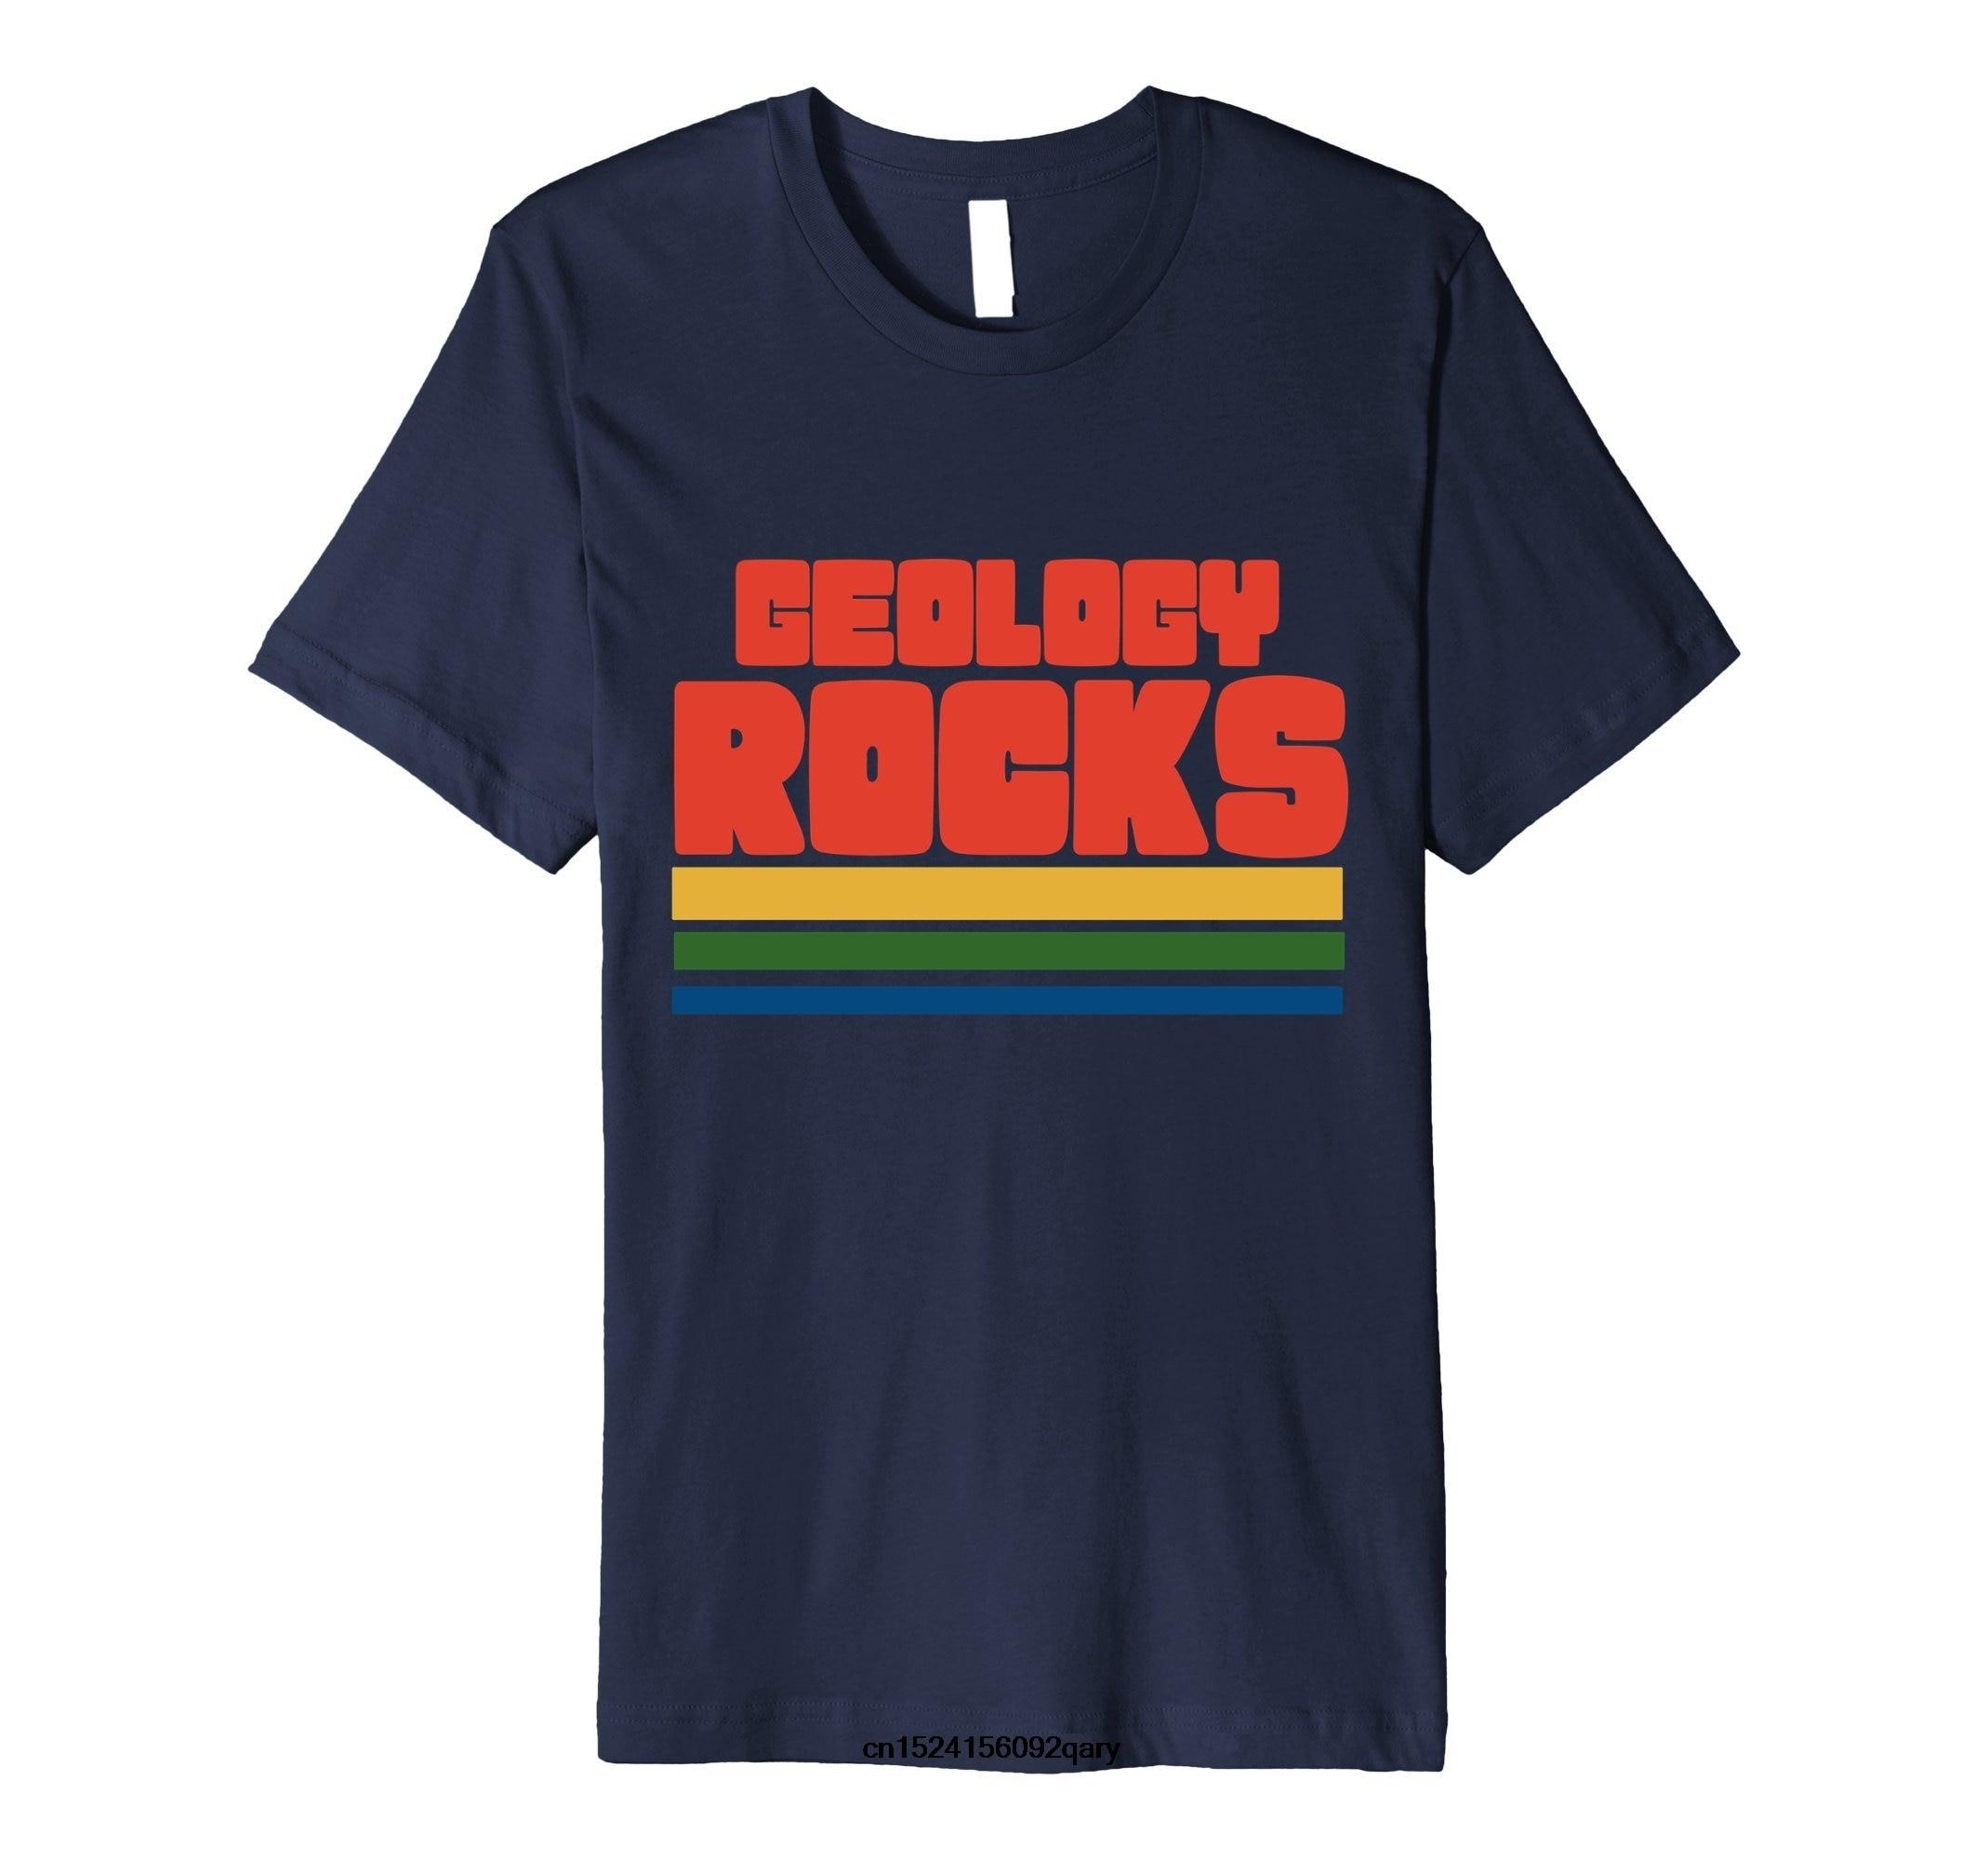 Homens Camisa Engraçada de T Mulheres Esfriar t-shirt retro geólogos camisetas tshirt Rochas Geologia geologia